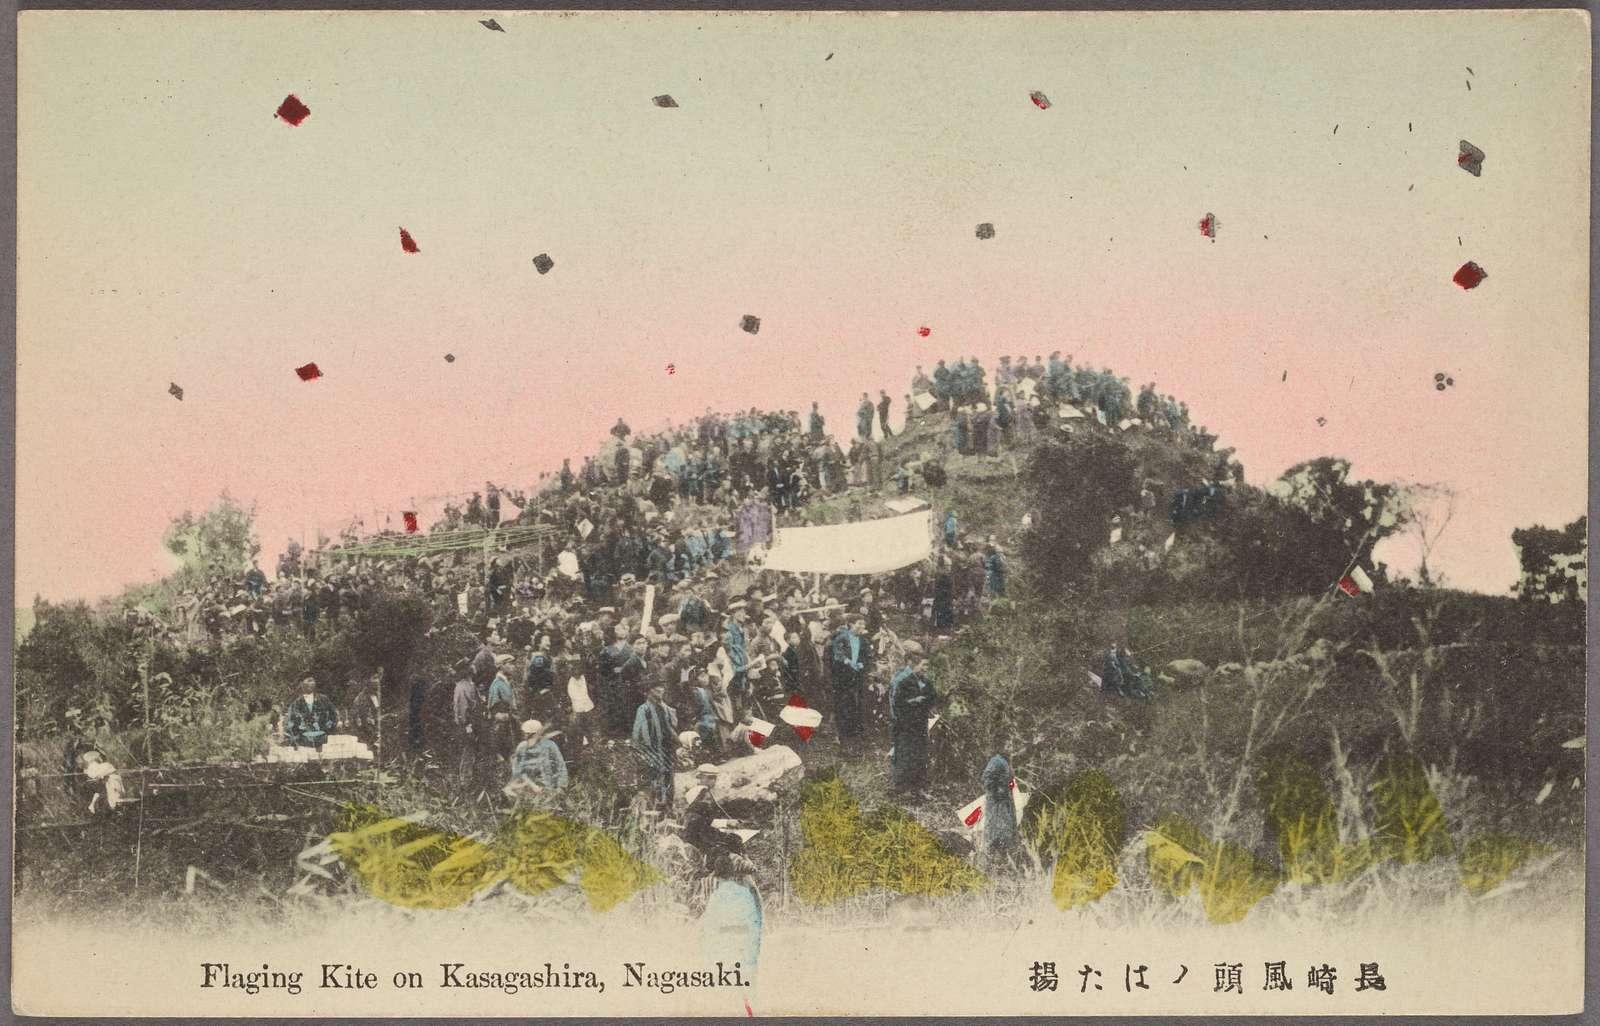 Flaging [sic] kite on Kasagashira, Nagasaki.